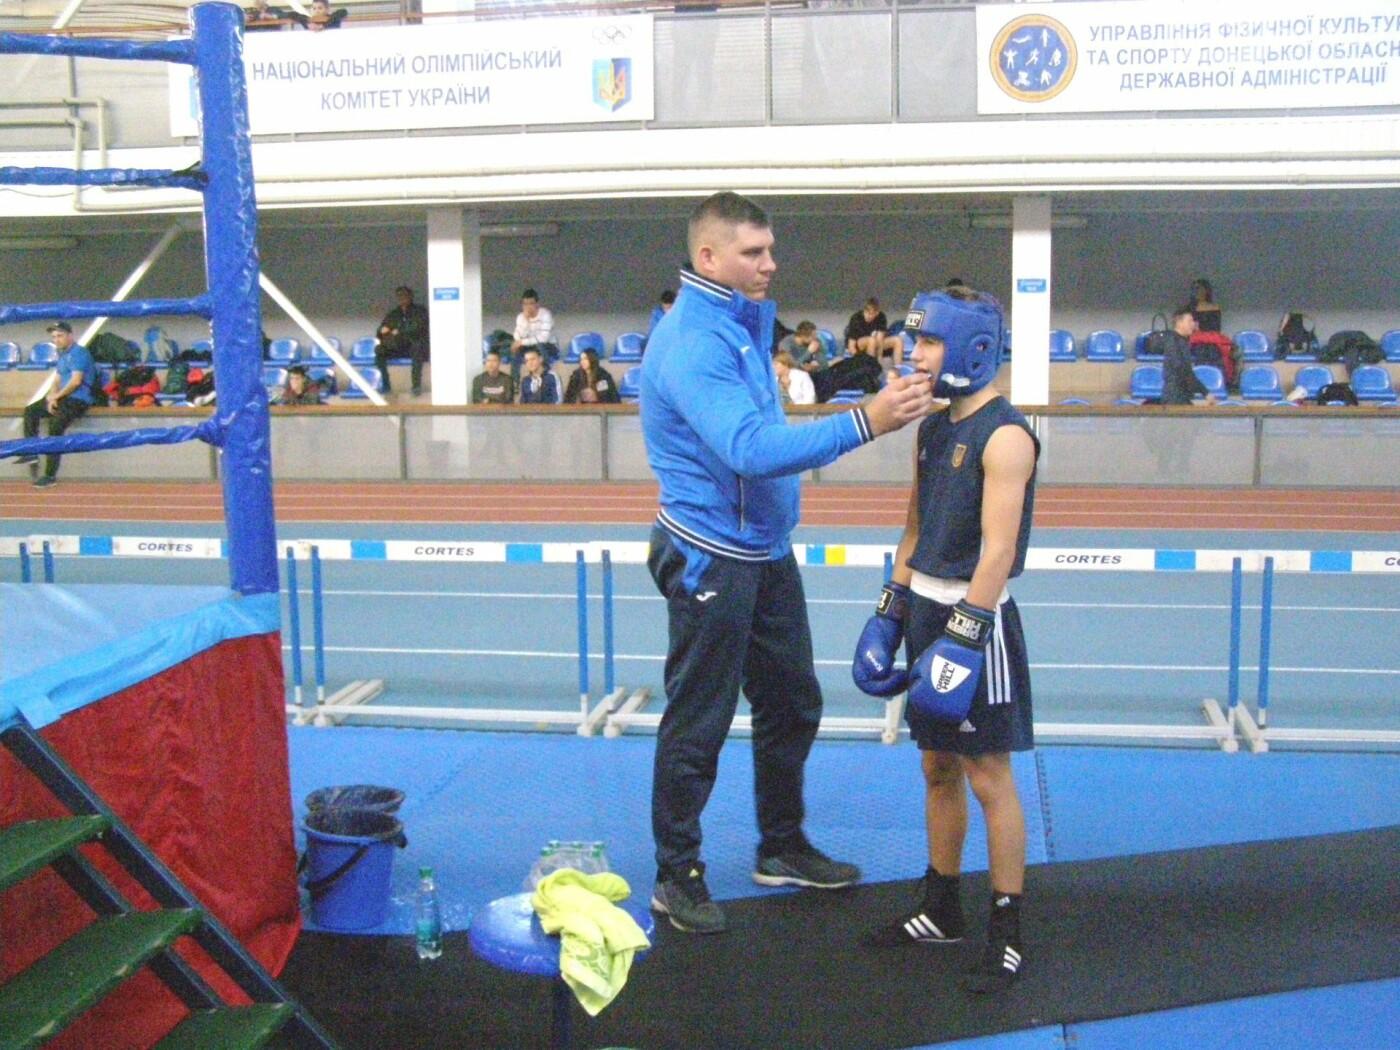 Боксеры Донетчины получили 15 наград всеукраинского турнира среди юниоров в Бахмуте, фото-2